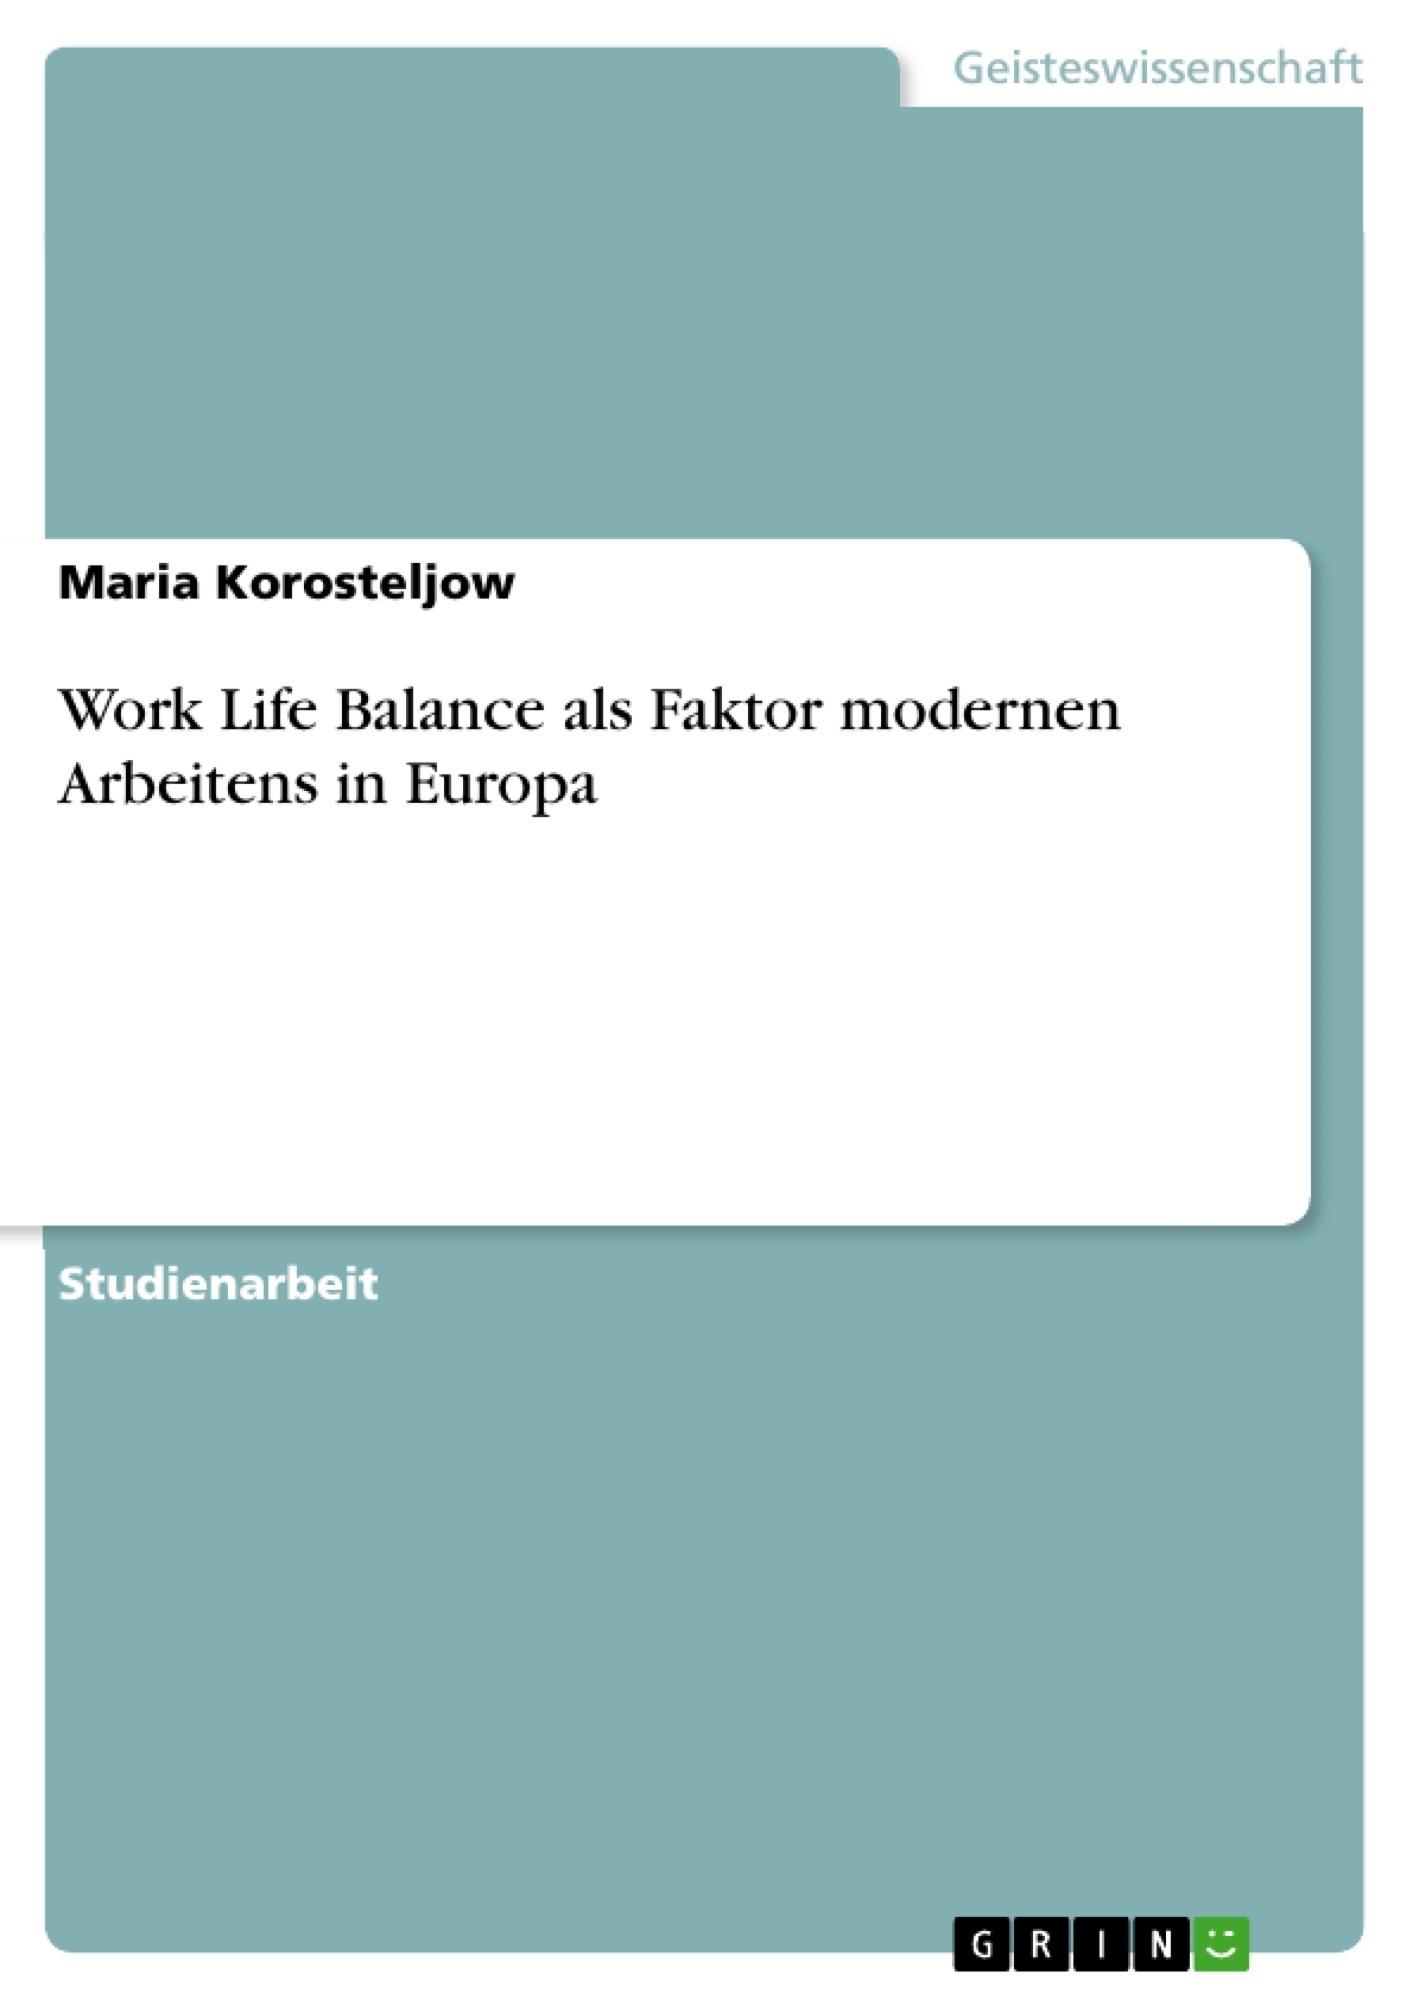 Titel: Work Life Balance als Faktor modernen Arbeitens in Europa